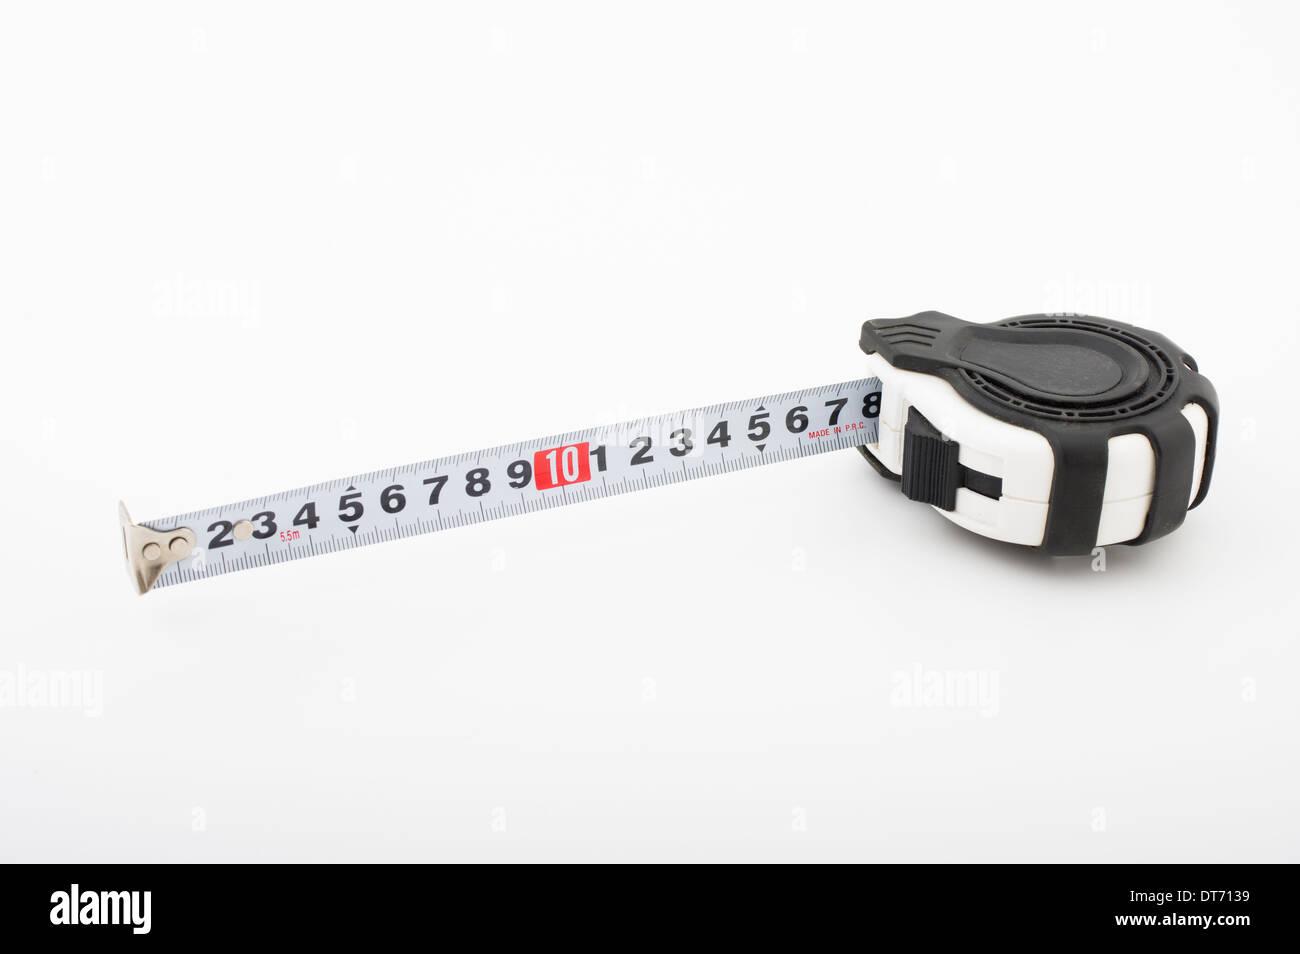 Auto-Retracción de roll-up cinta métrica de medida ( ) una regla flexible Imagen De Stock